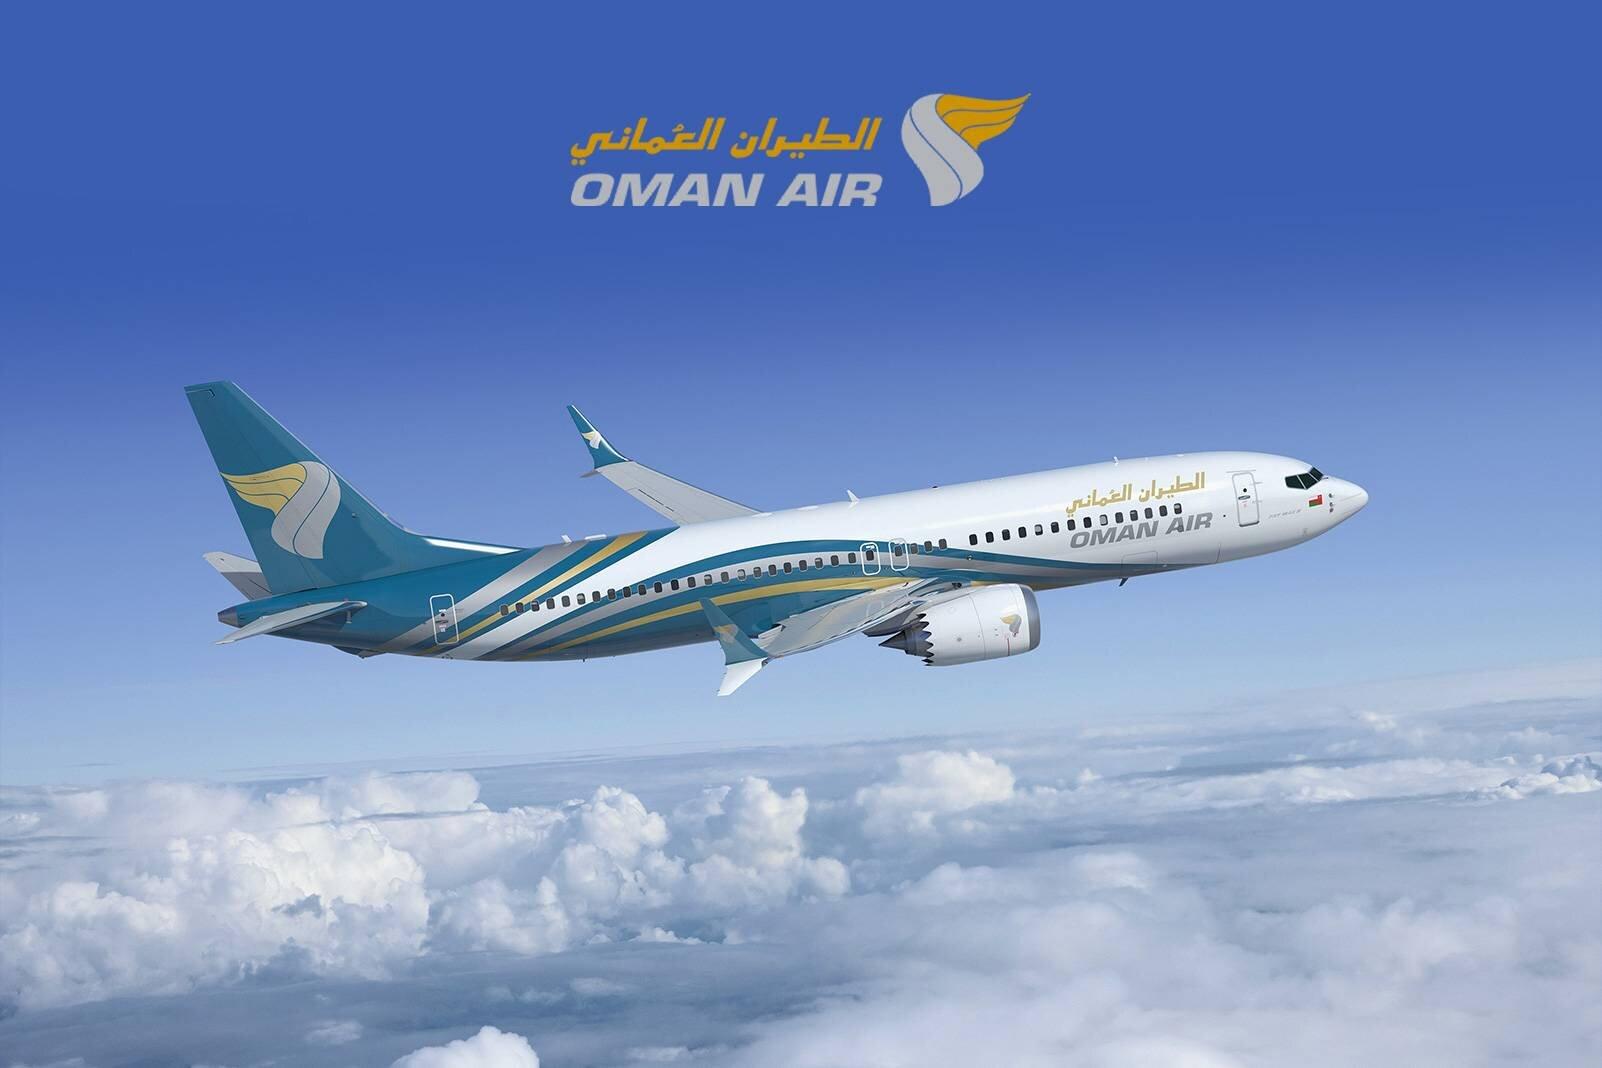 Oman Air'den Çok Özel Fiyatlar!